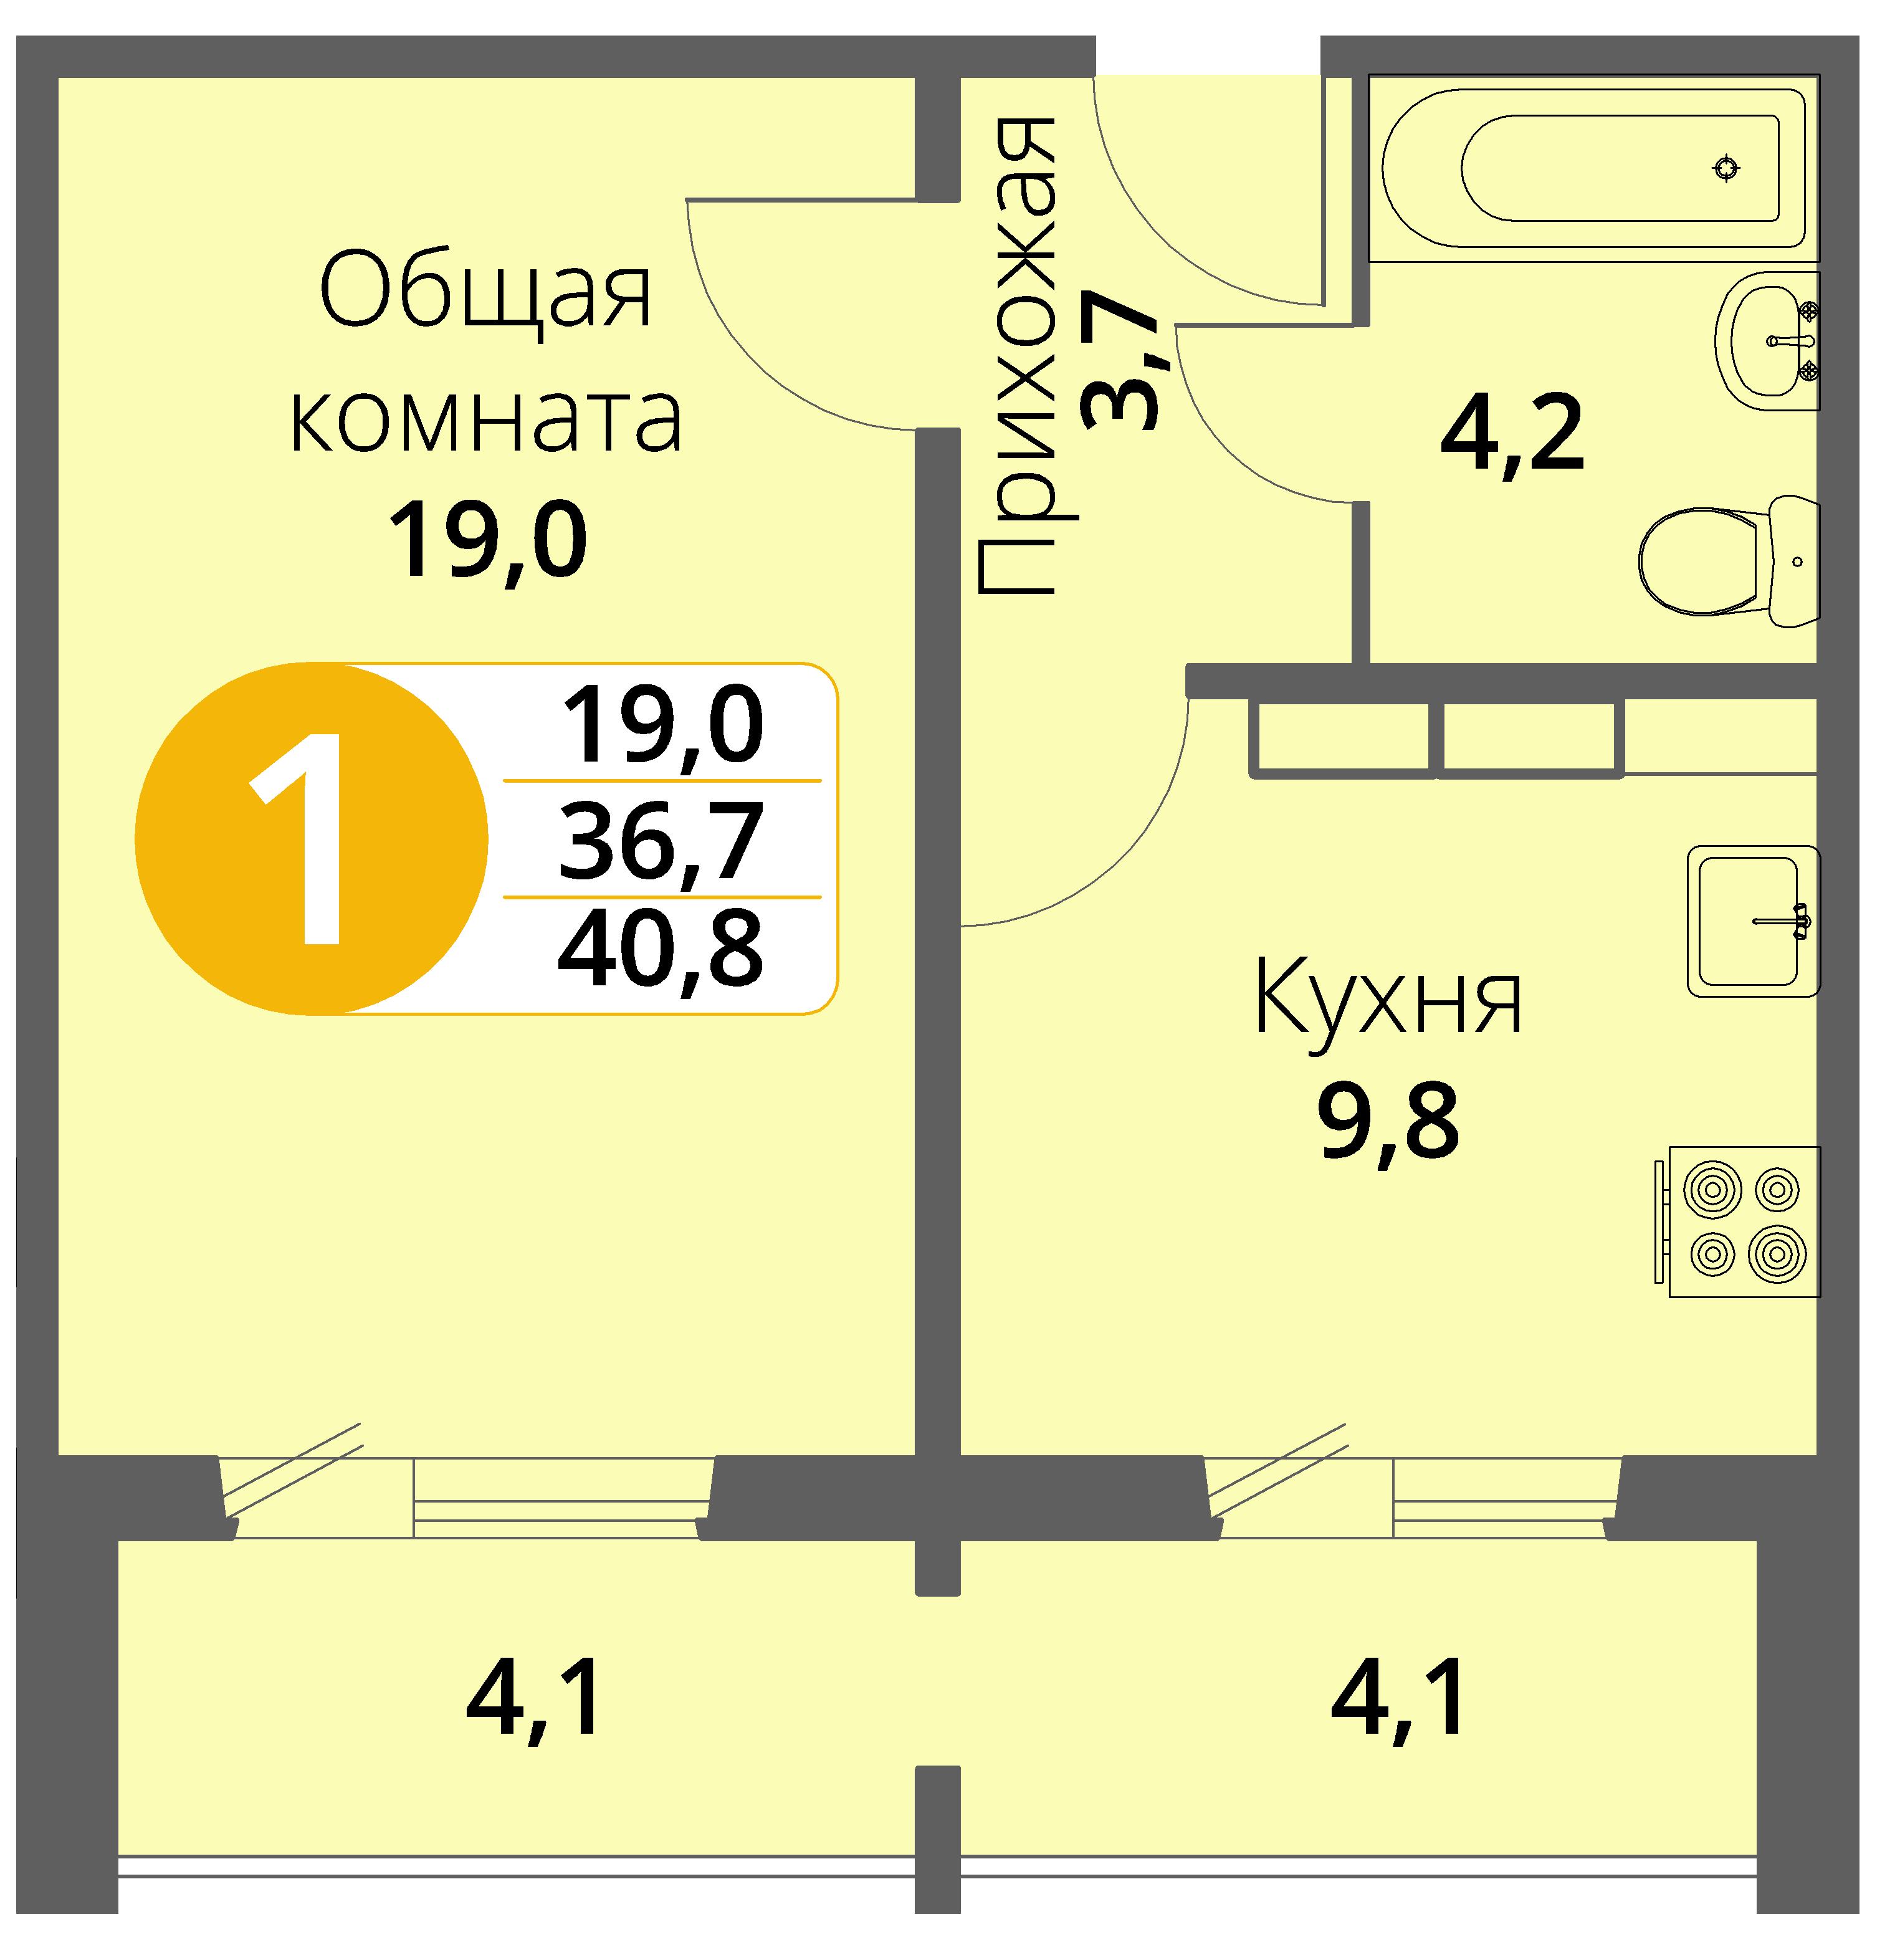 Зареченская 1-1, квартира 3 - Однокомнатная